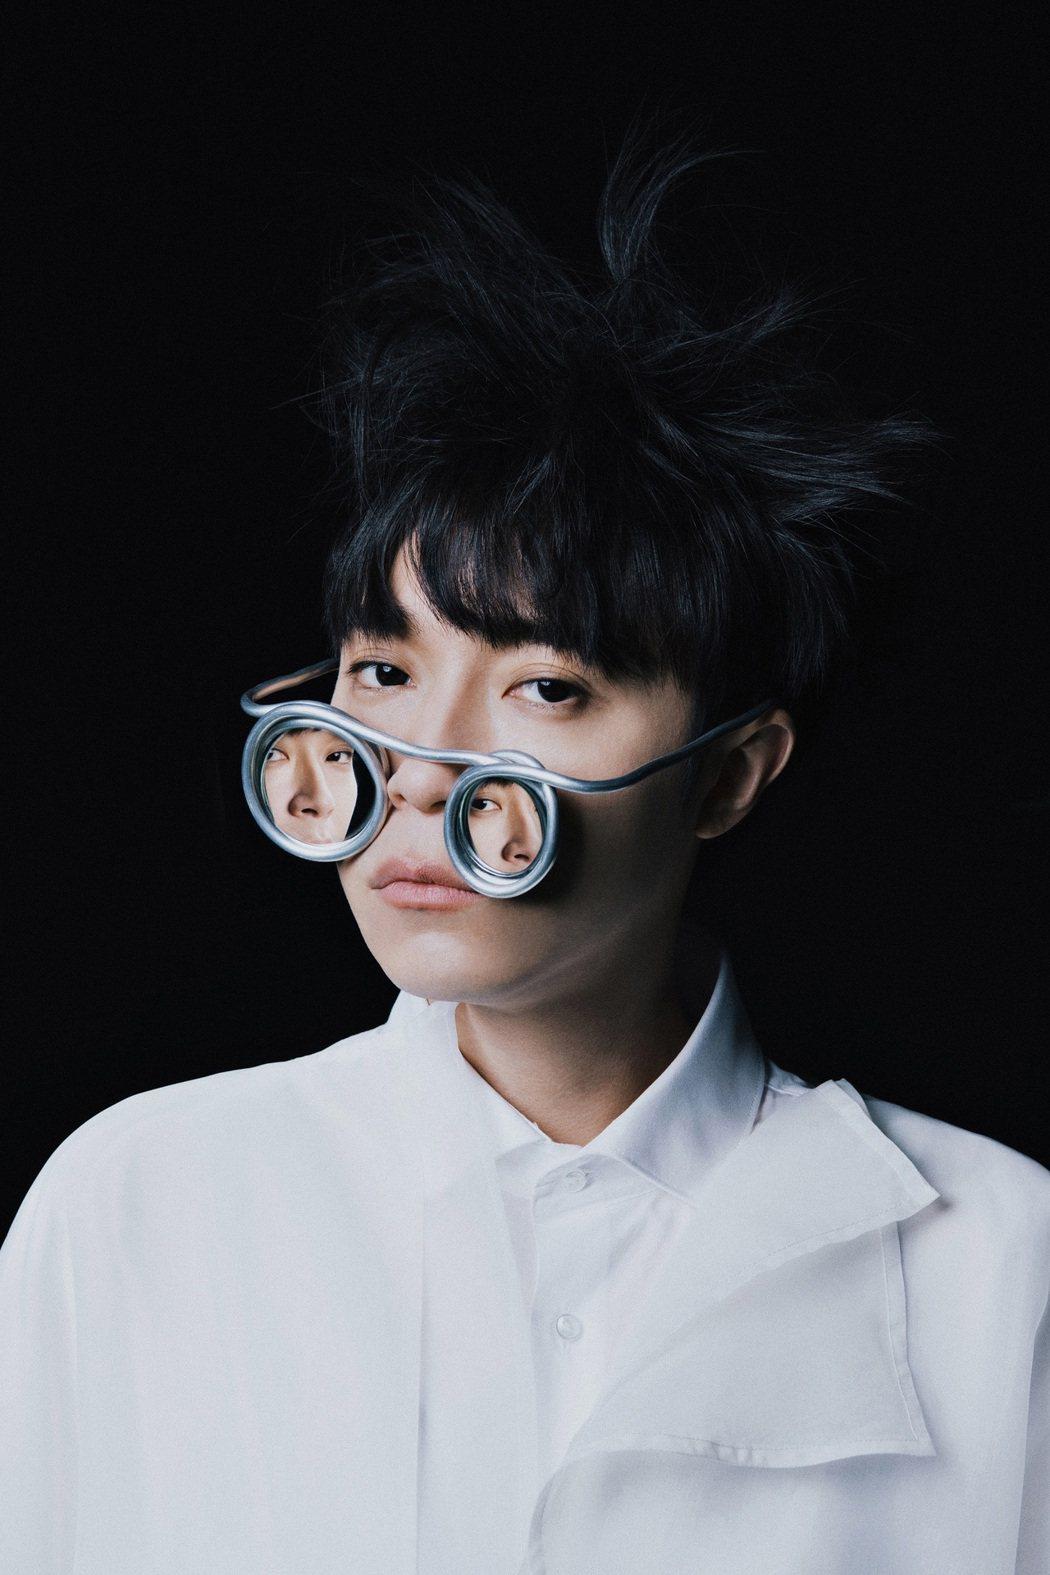 吳青峰首張個人專輯「太空人」銷售橫掃各大排行榜。圖/環球提供